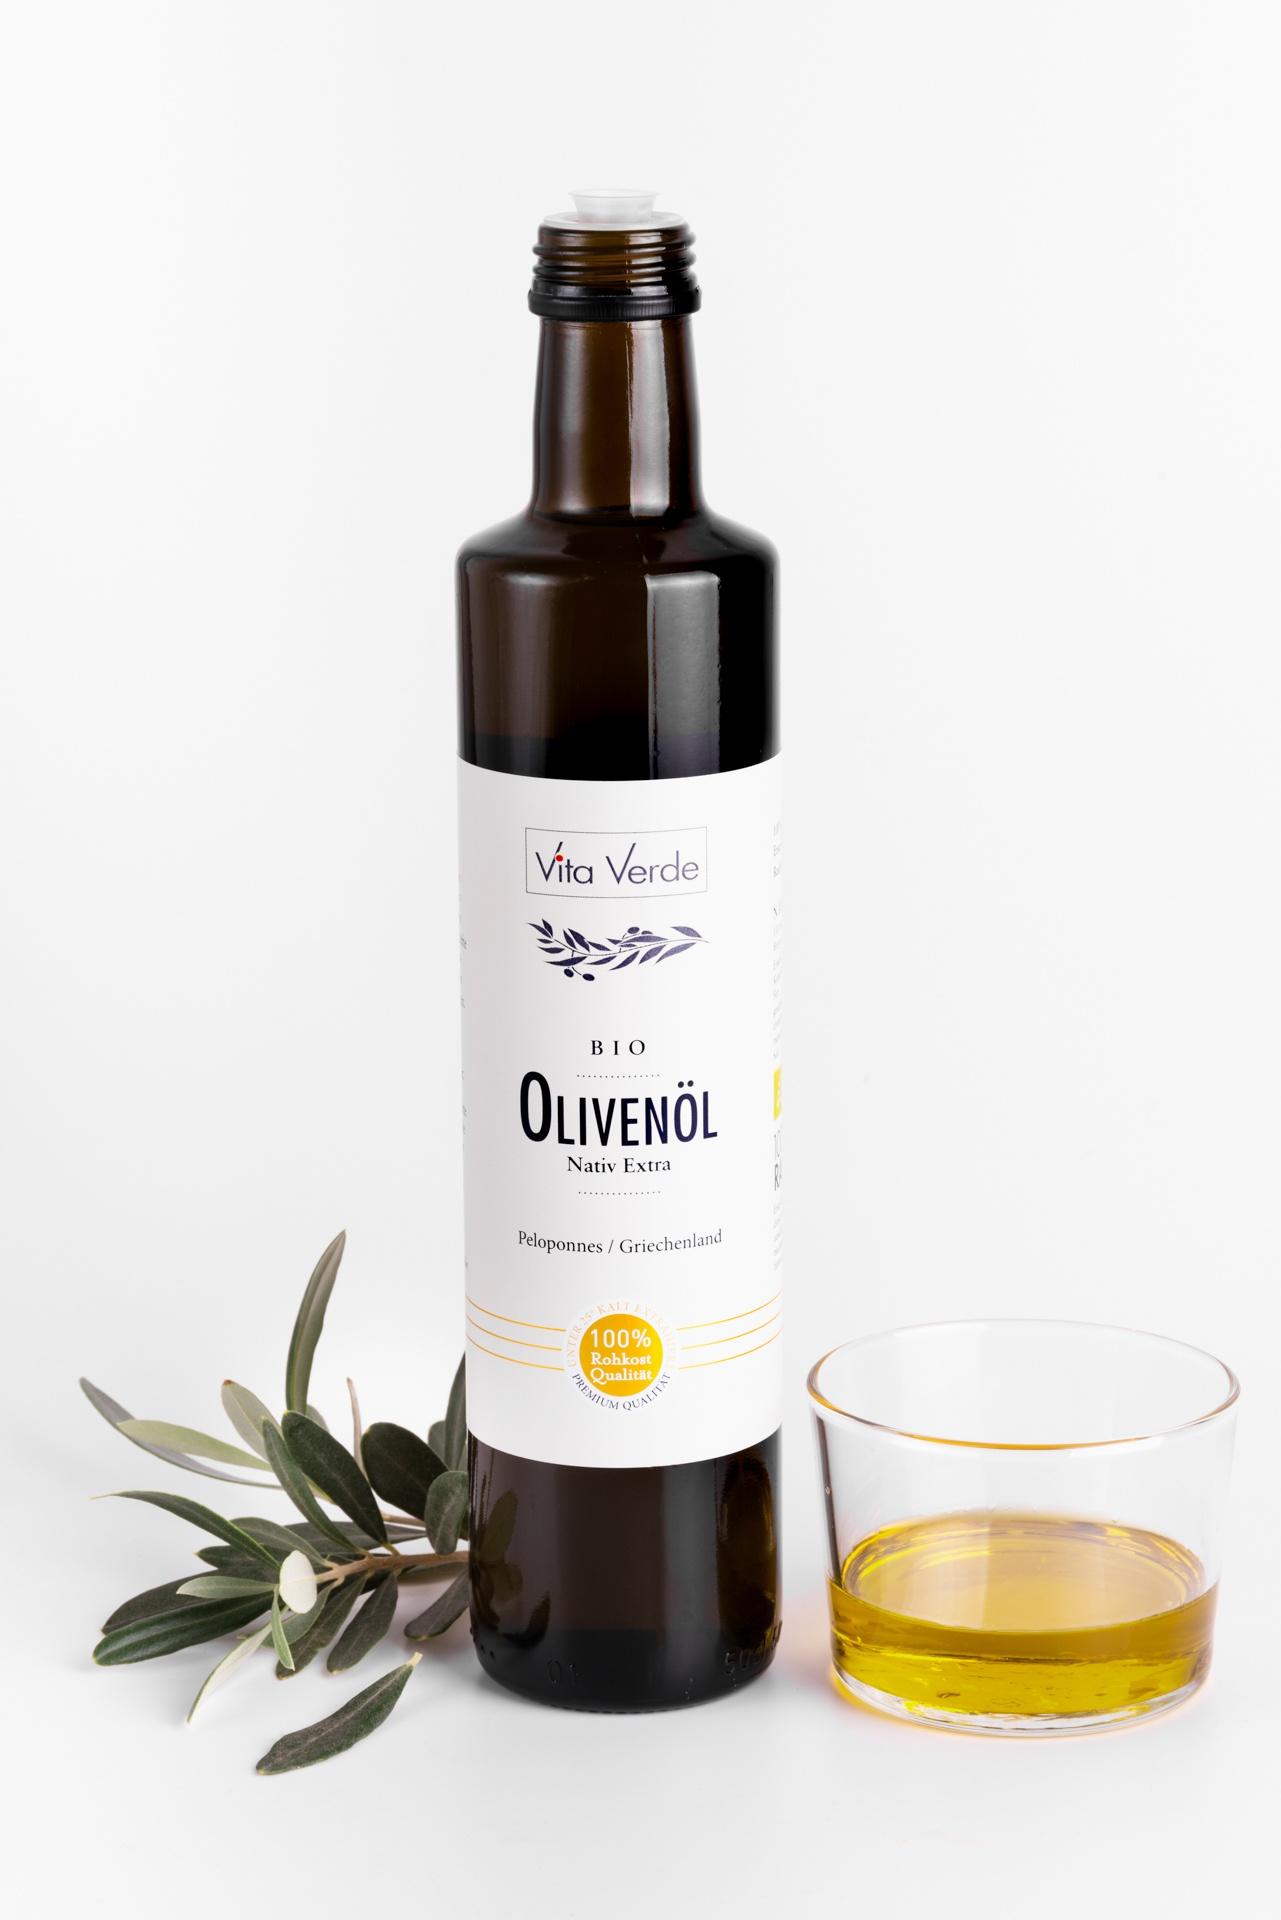 Olivenöl nativ extra Vita Verde Produktbild 2